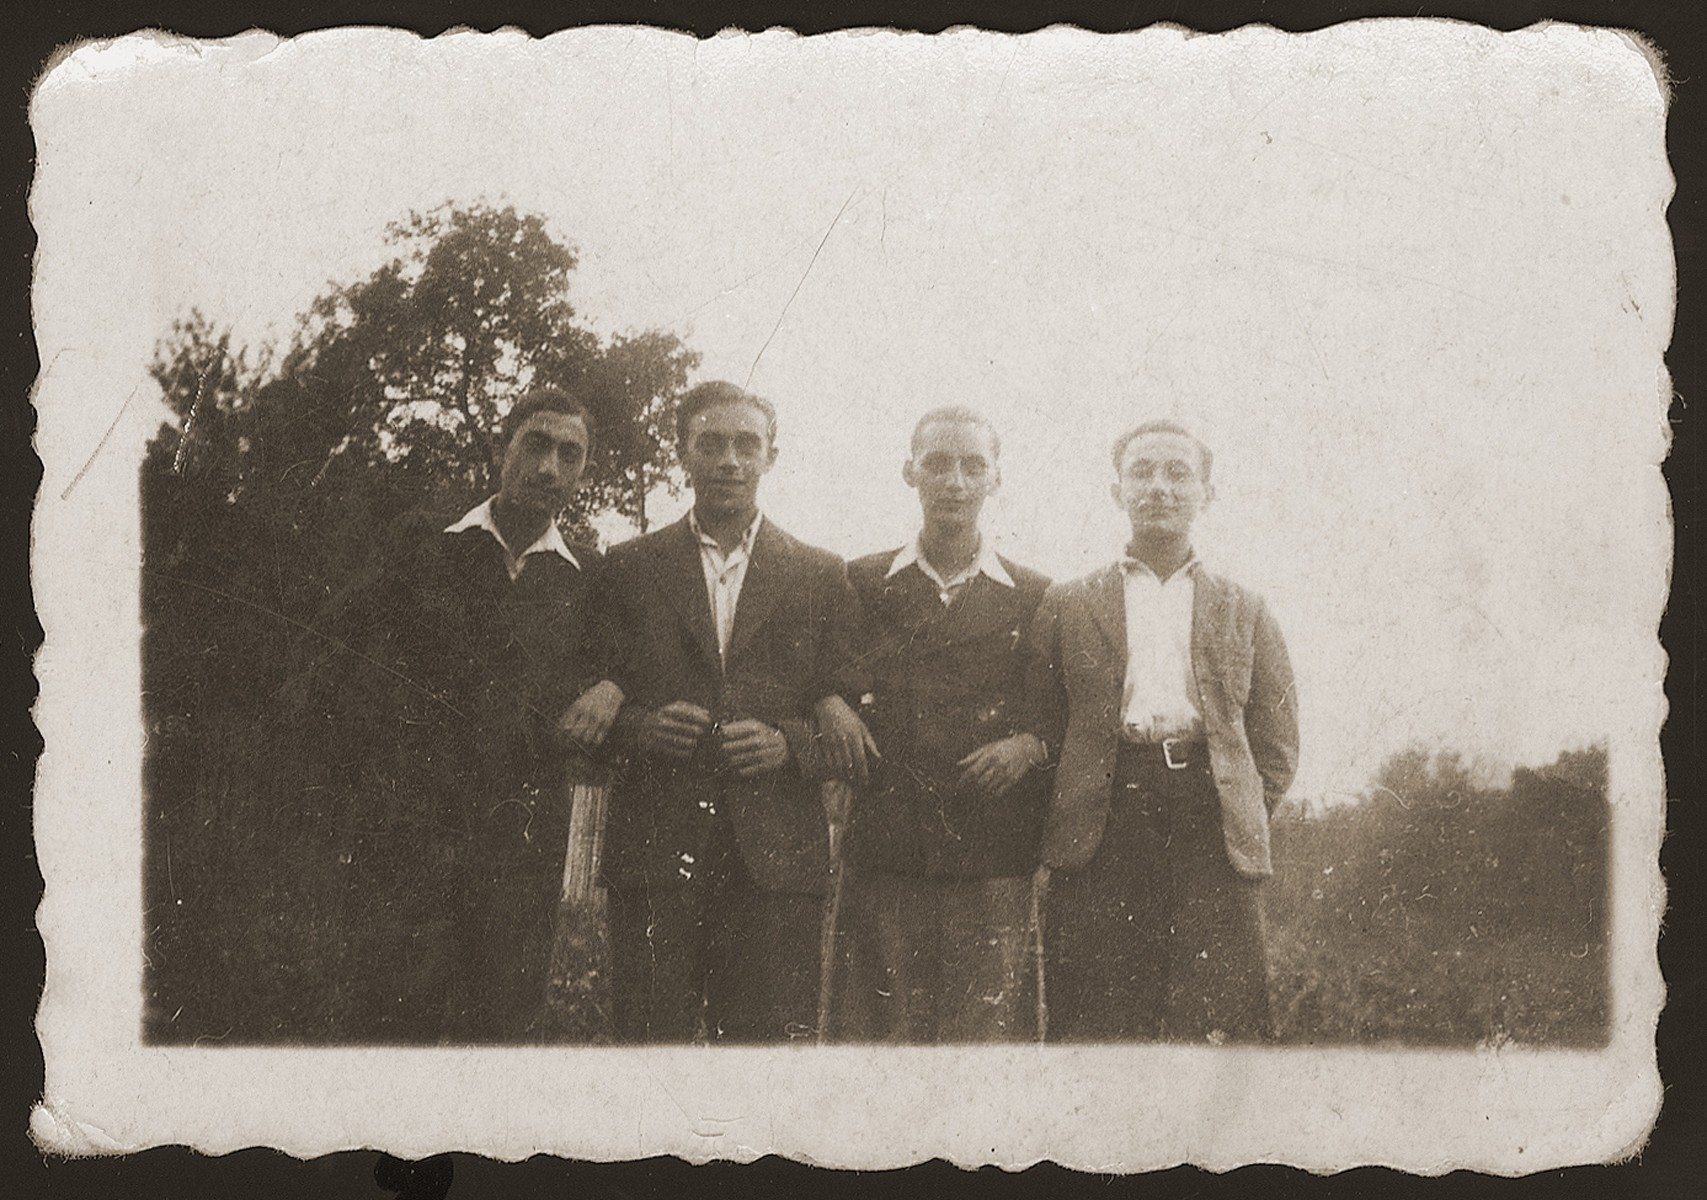 Group portrait of four childhood friends from Dabrowa Gornicza reunited in the New Palestine displaced camp near Salzburg.   Standing from left to are: Moniek Rozen, Szlamek Rozencwajg, Jakub Bajtner and Moniek Szeps.